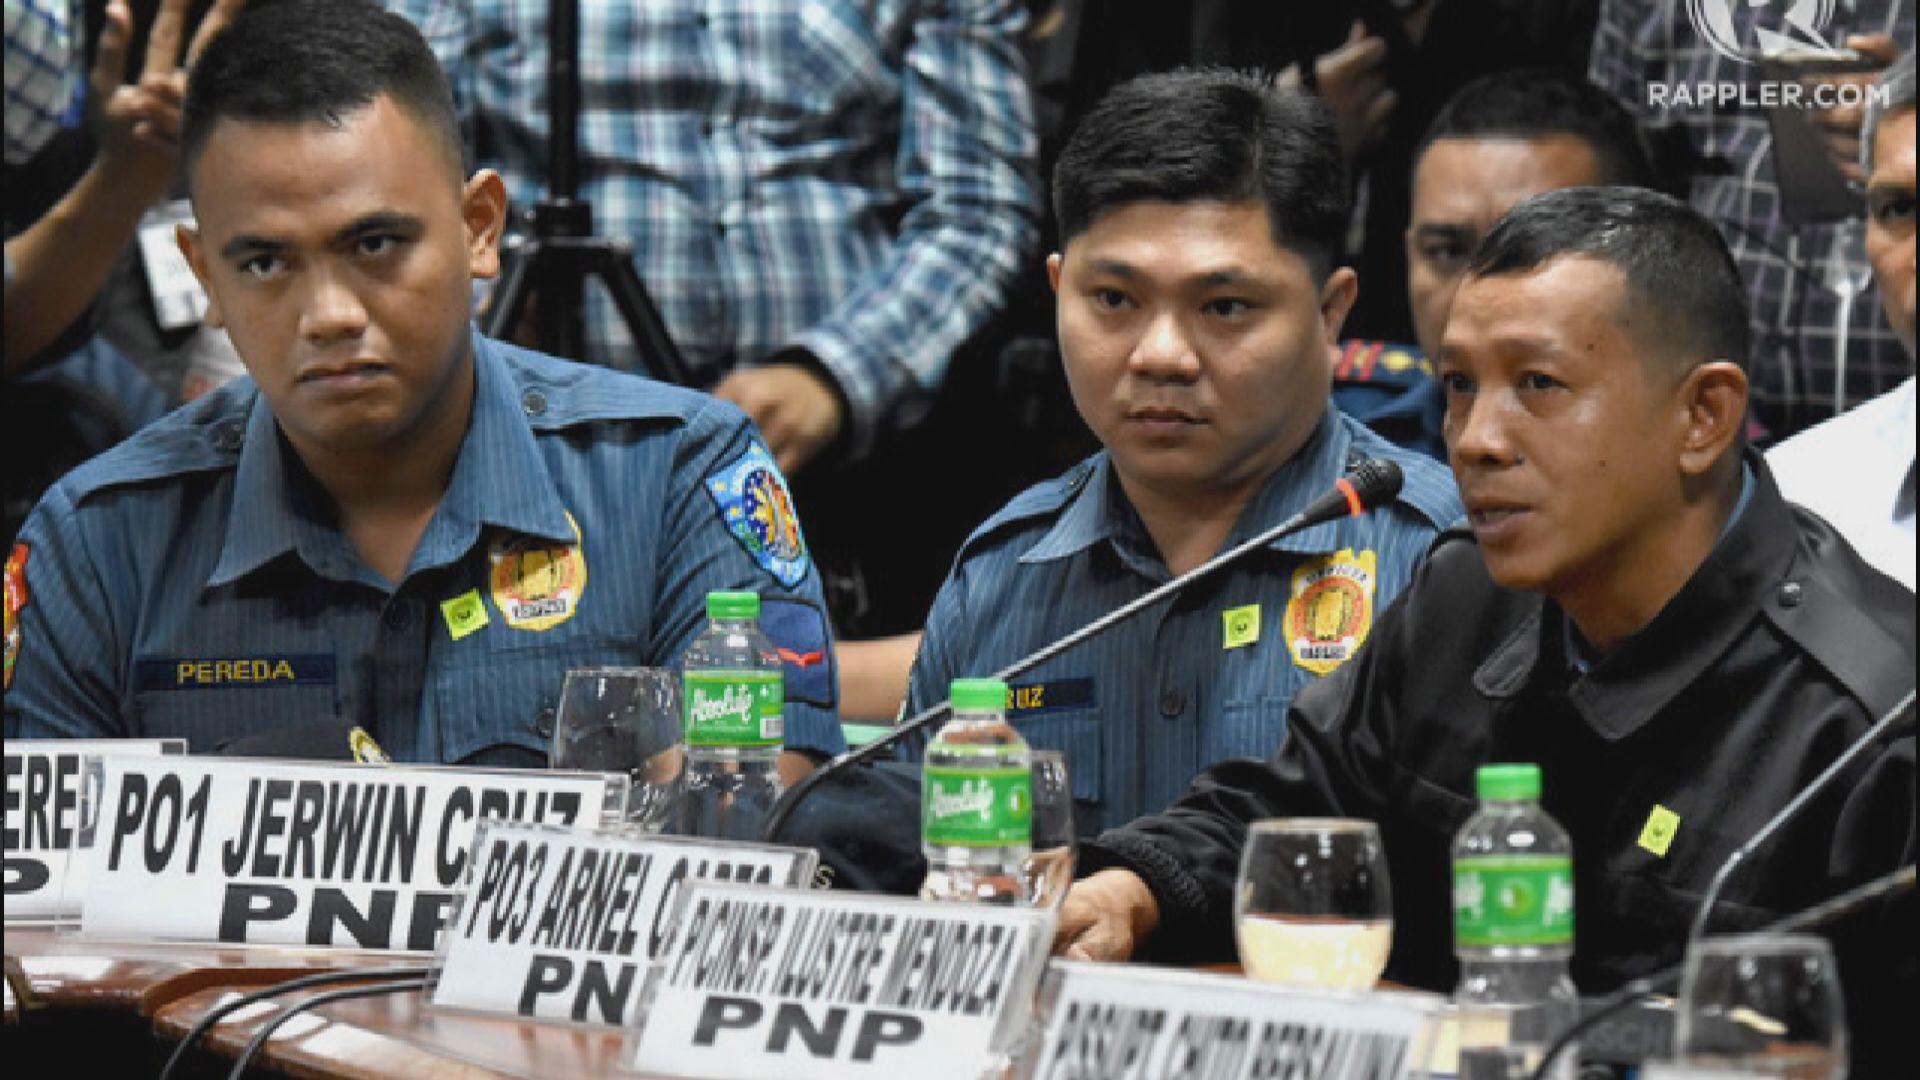 菲律賓三警察謀殺中學生罪成